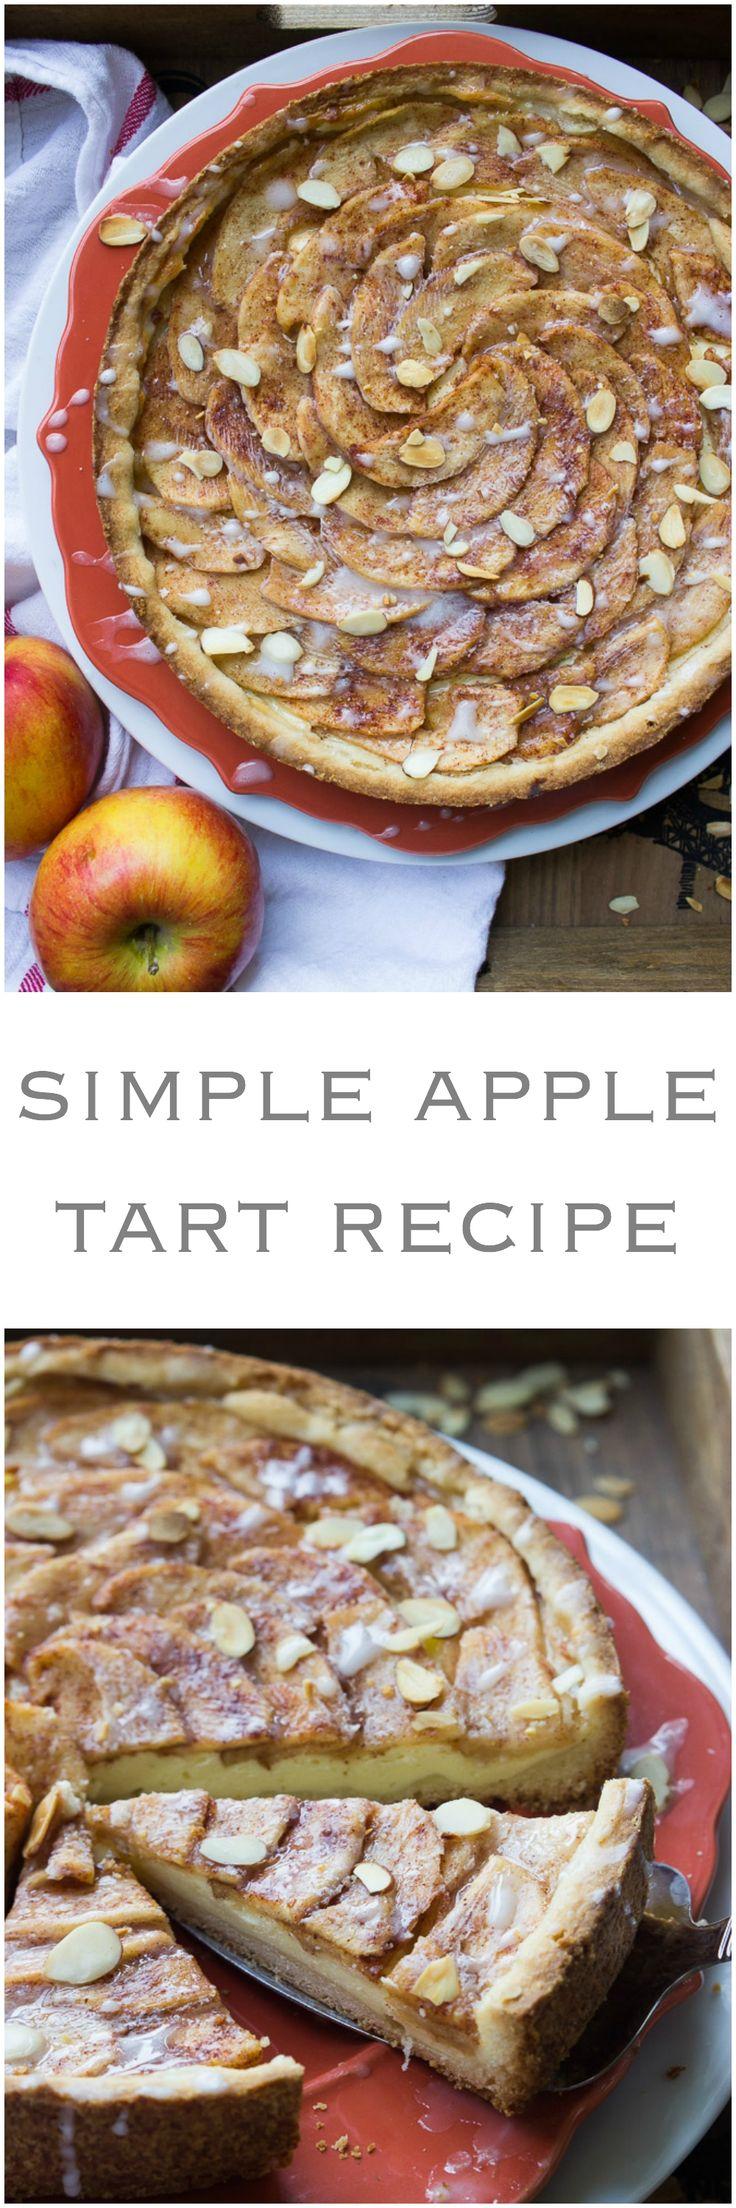 Simple Apple Tart Recipe - rustic apple tart with buttery crust, almond cream cheese filling and sweet glaze | littlebroken.com @littlebroken